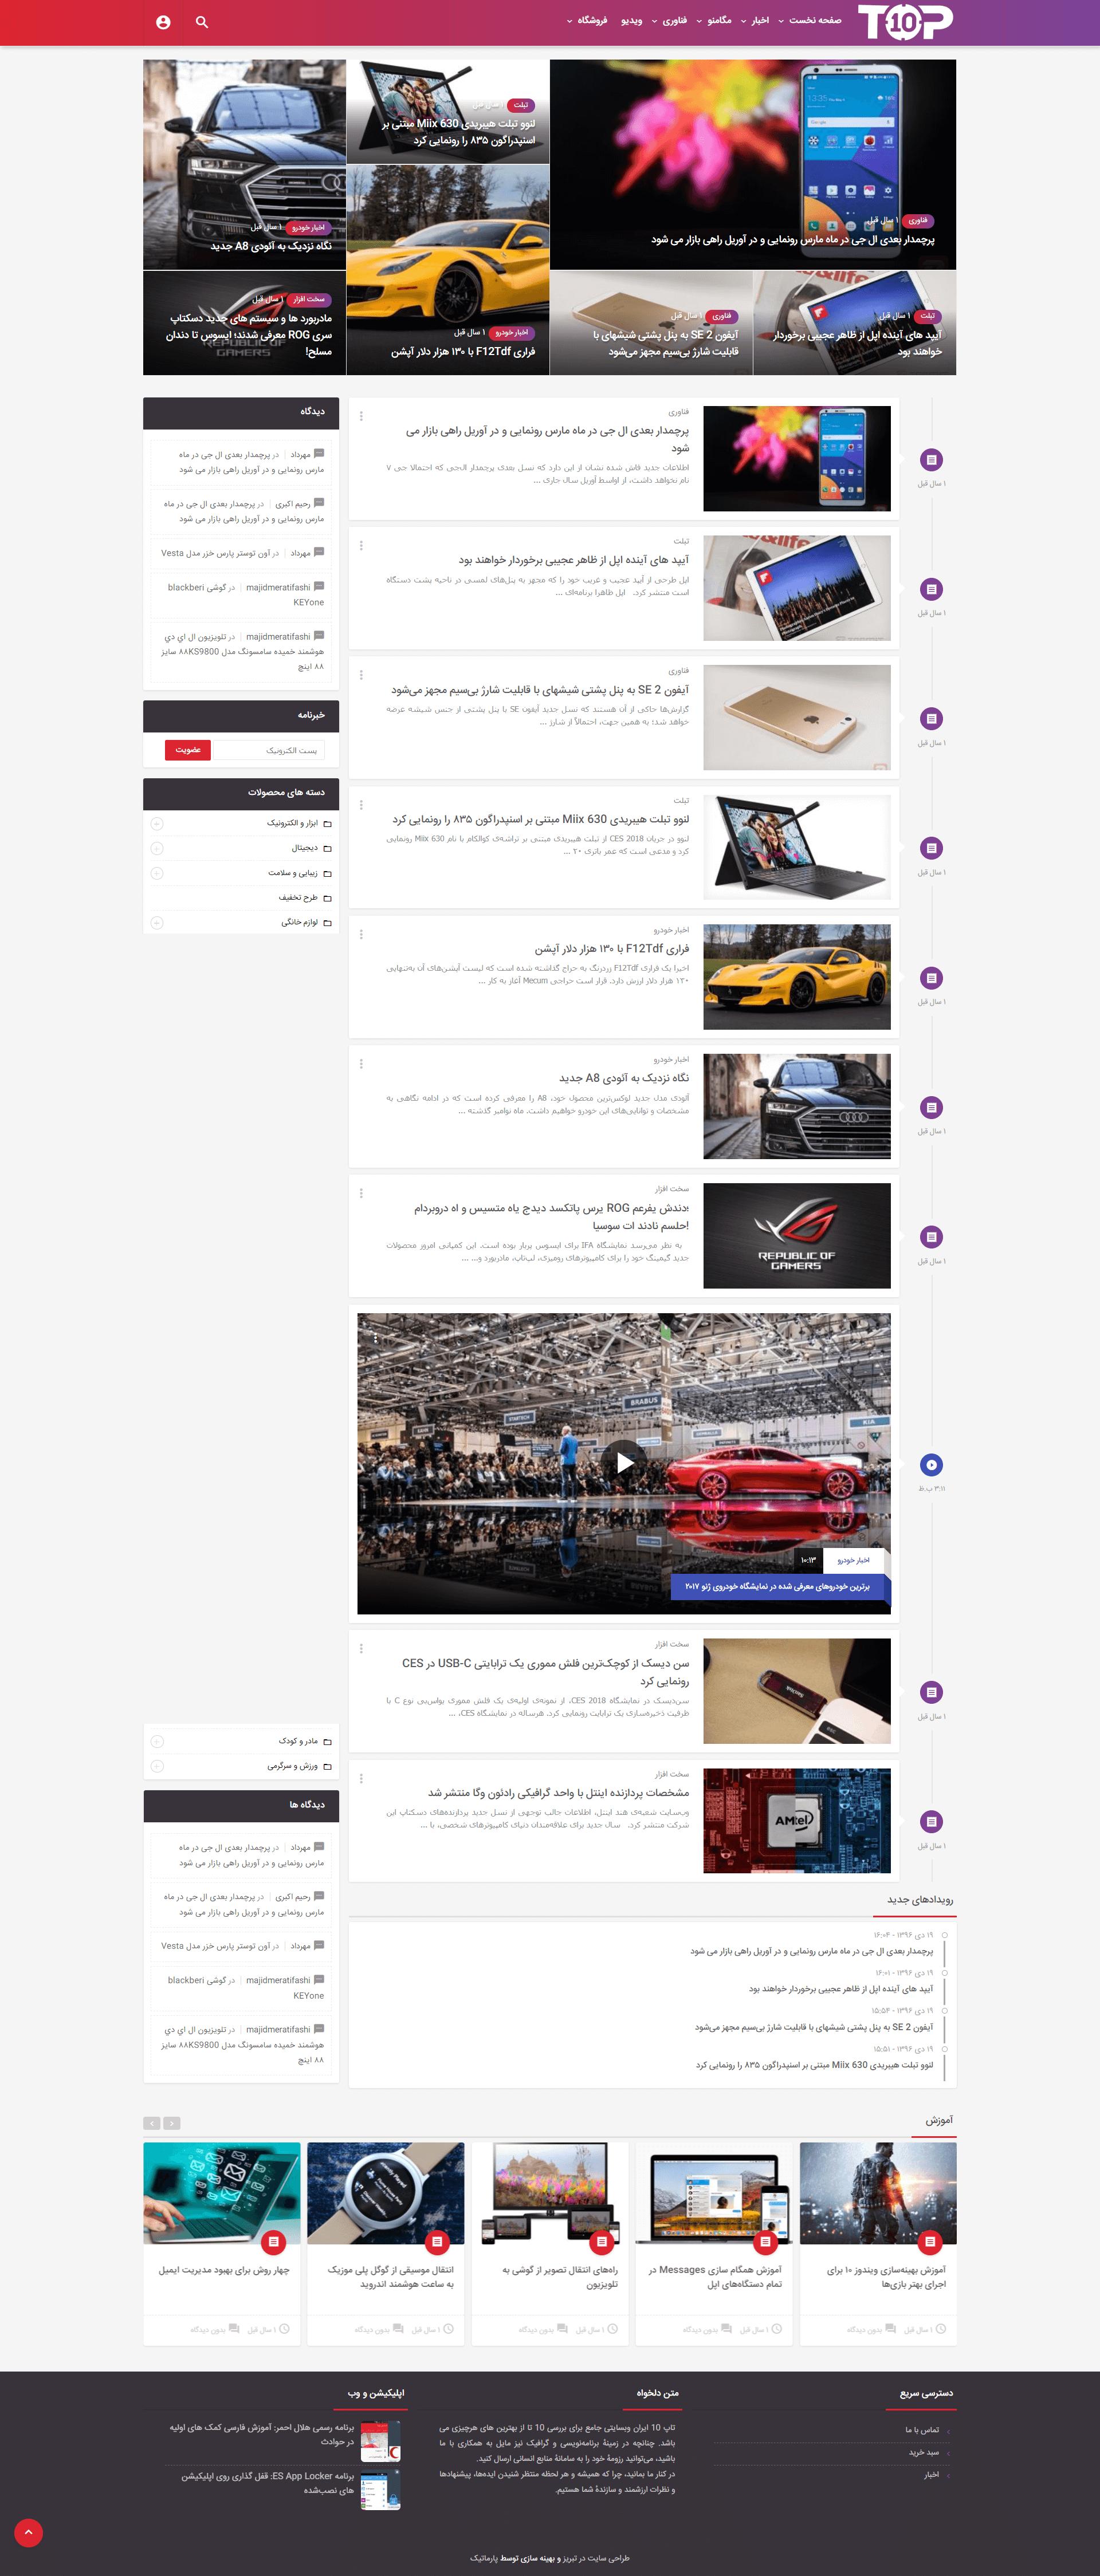 طراحی سایت مجله خبری تاپ 10